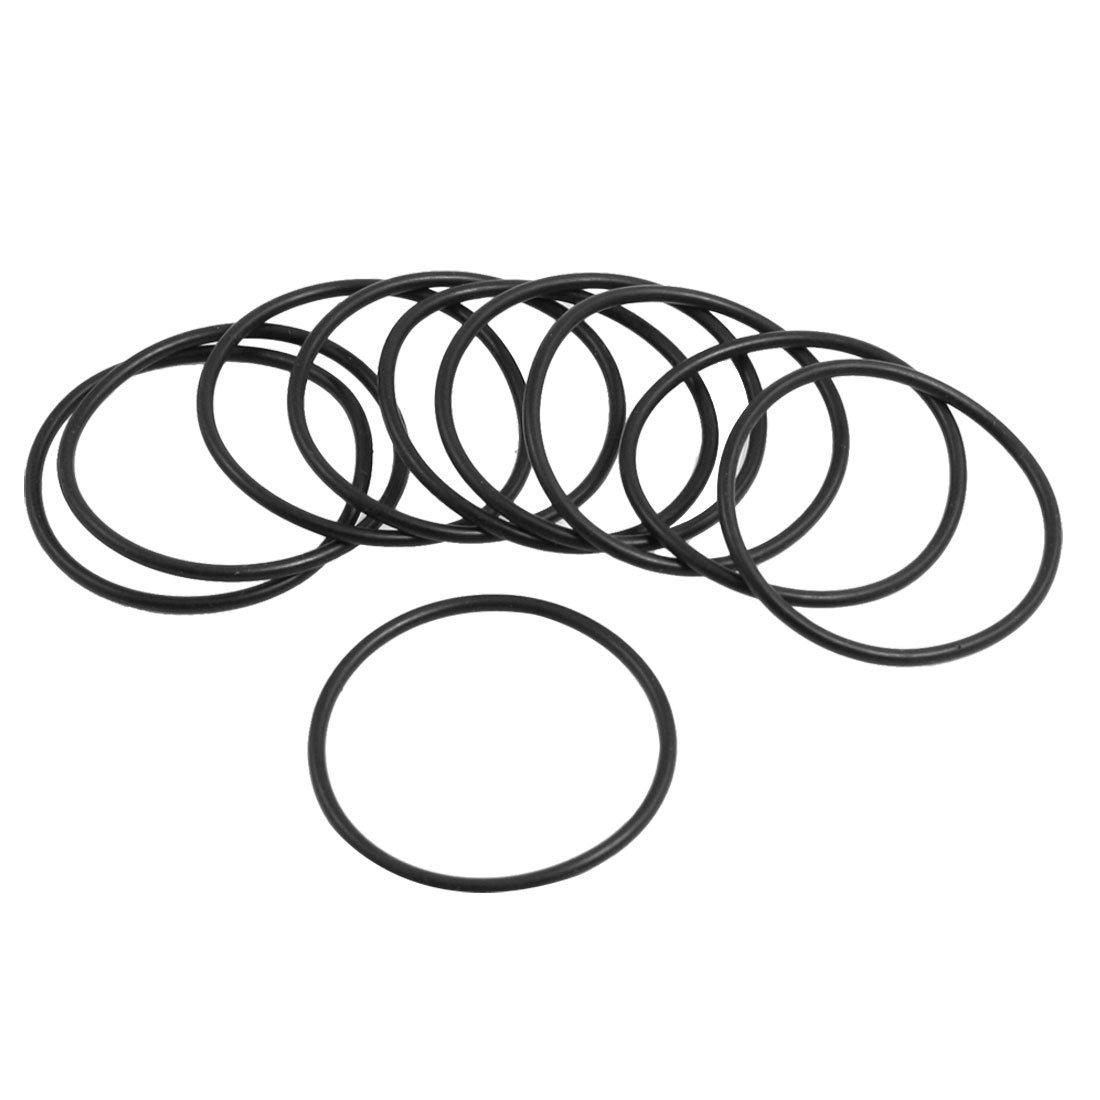 sourcingmap® 10 pz paraolio O Ring nero in gomma nitrile 30mm diametro esterno di 1, 8 mm di spessore sourcing map a13010300ux0113